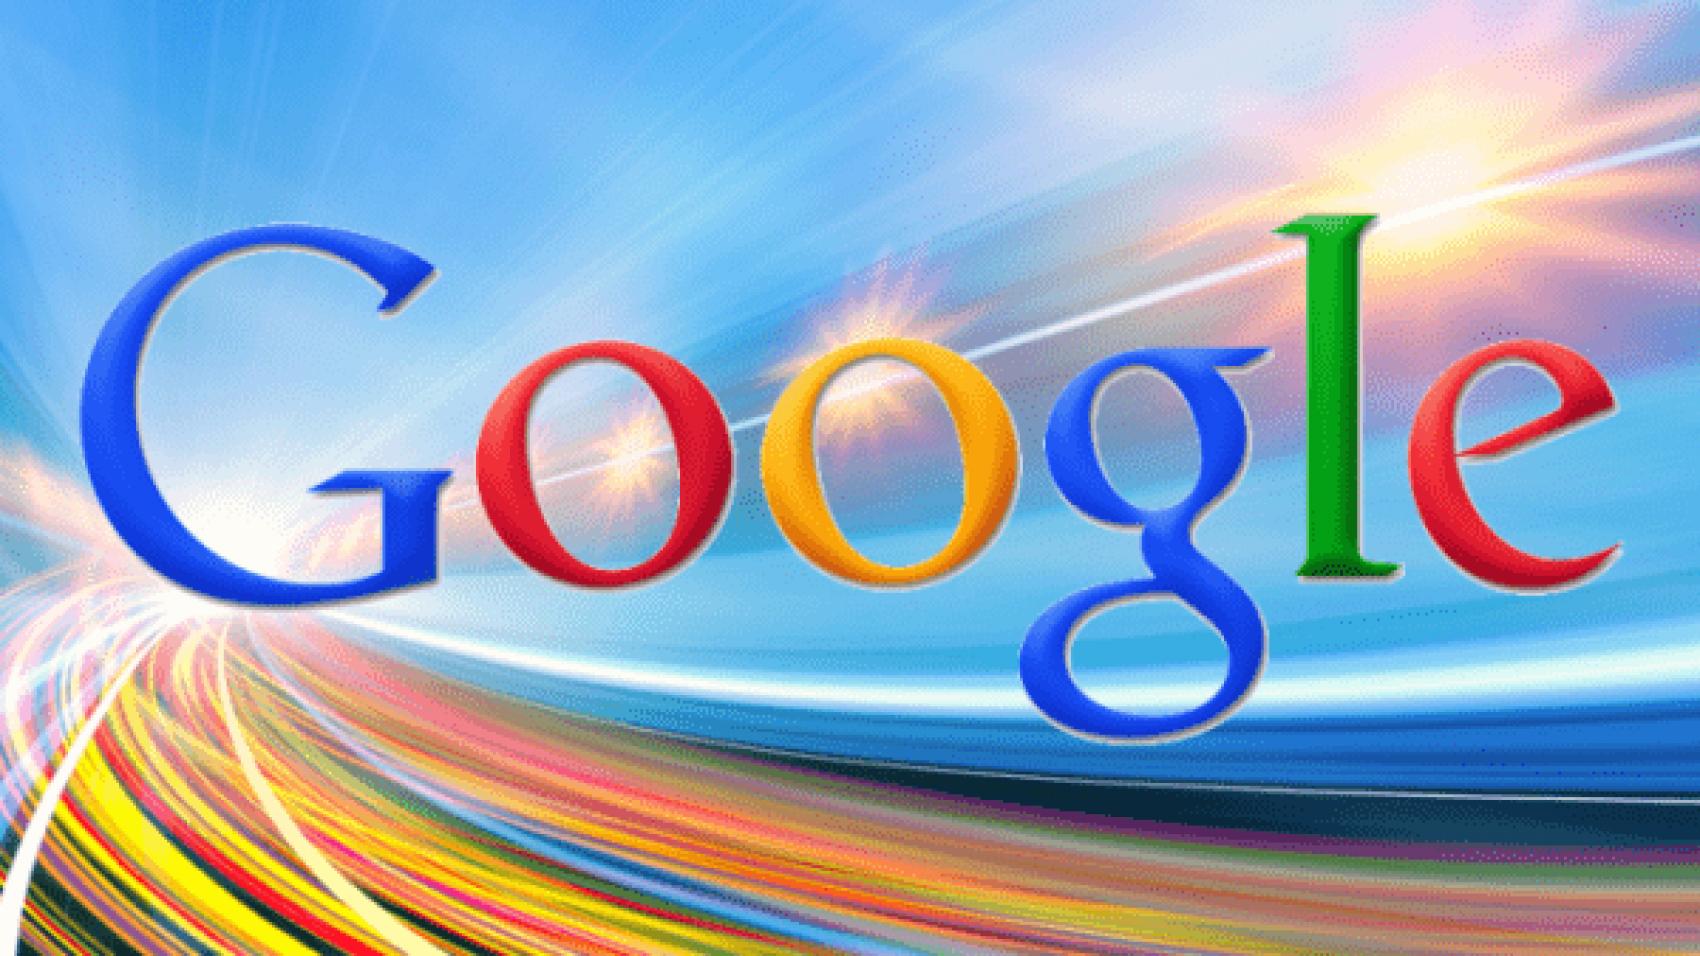 Специалисты жалуются на потерю трафика из-за нового подхода Google к заголовкам выдачи